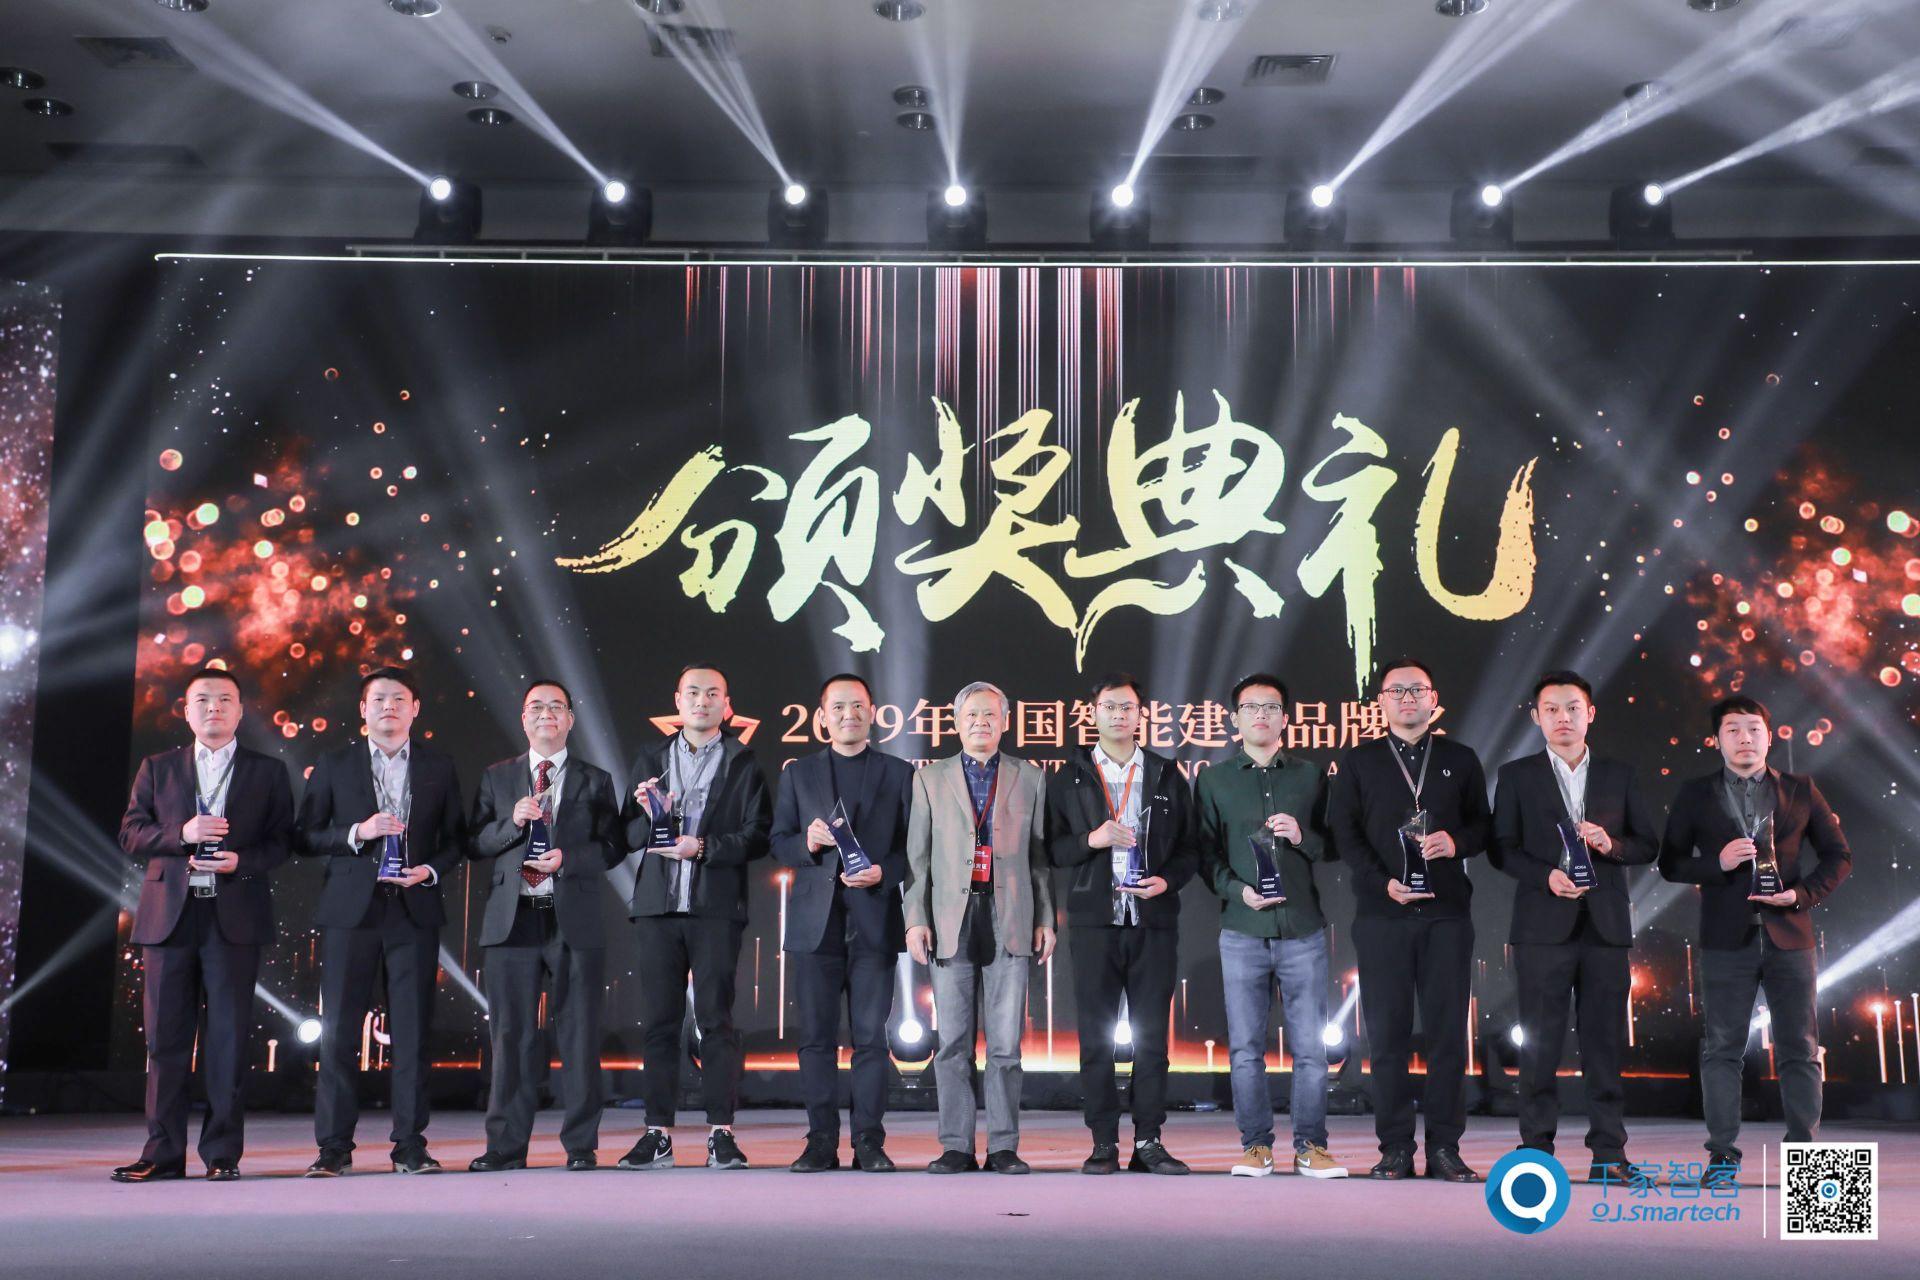 荣耀对决,载誉而归!揭晓2019年十大房地产智能家居品牌奖